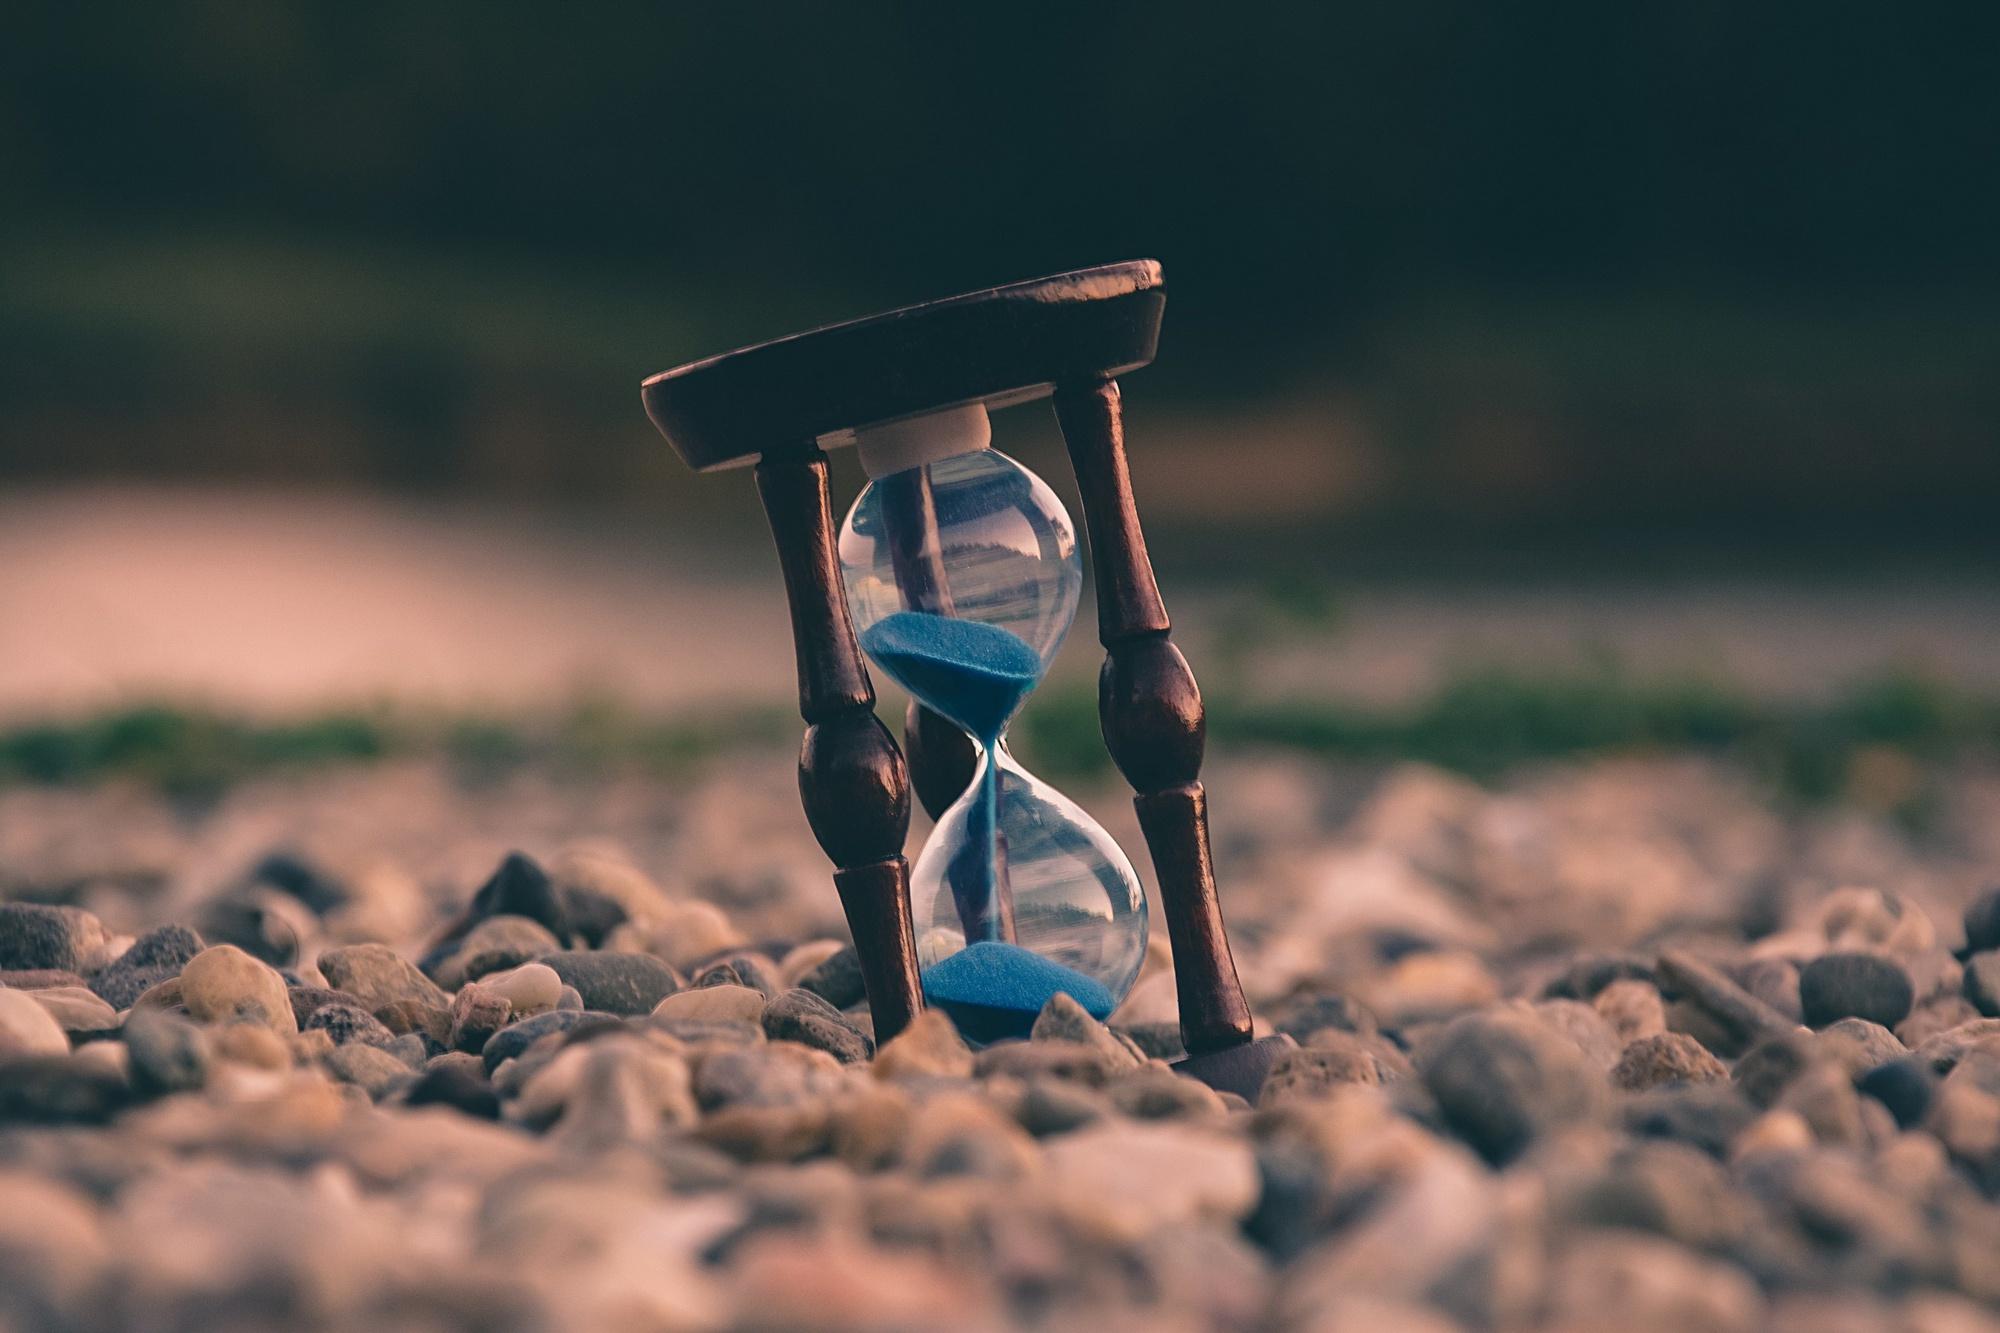 Прекрати существовать и начни жить! что такое жизнь и как ее прожить правильно? :: инфониак